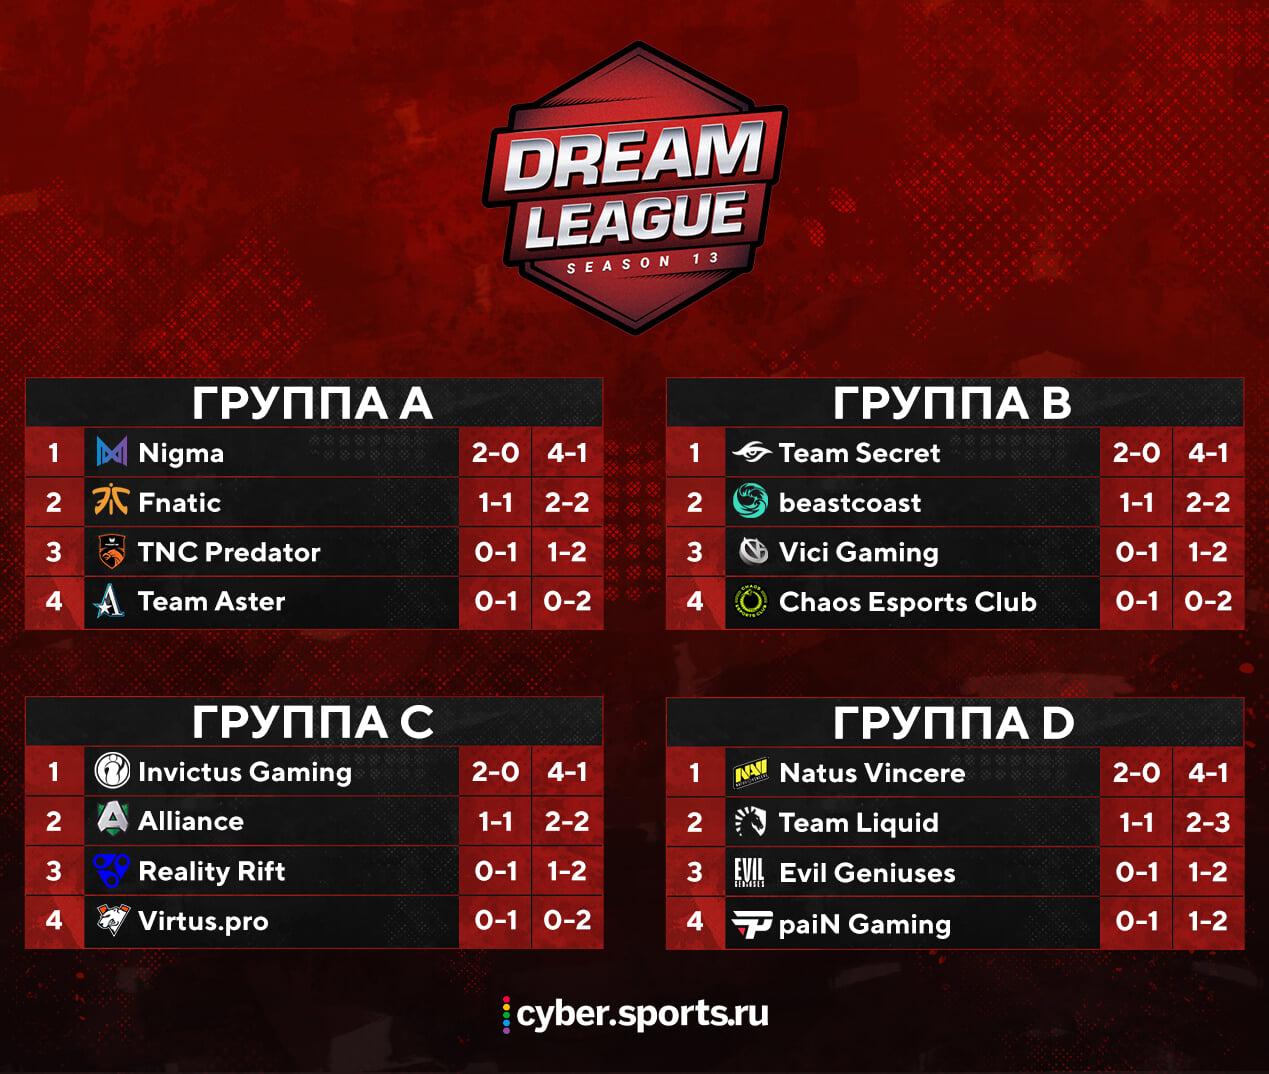 Команда Natus Vincere победила Team Liquid в матче за место в верхней сетке плей-офф DreamLeague - изображение 1